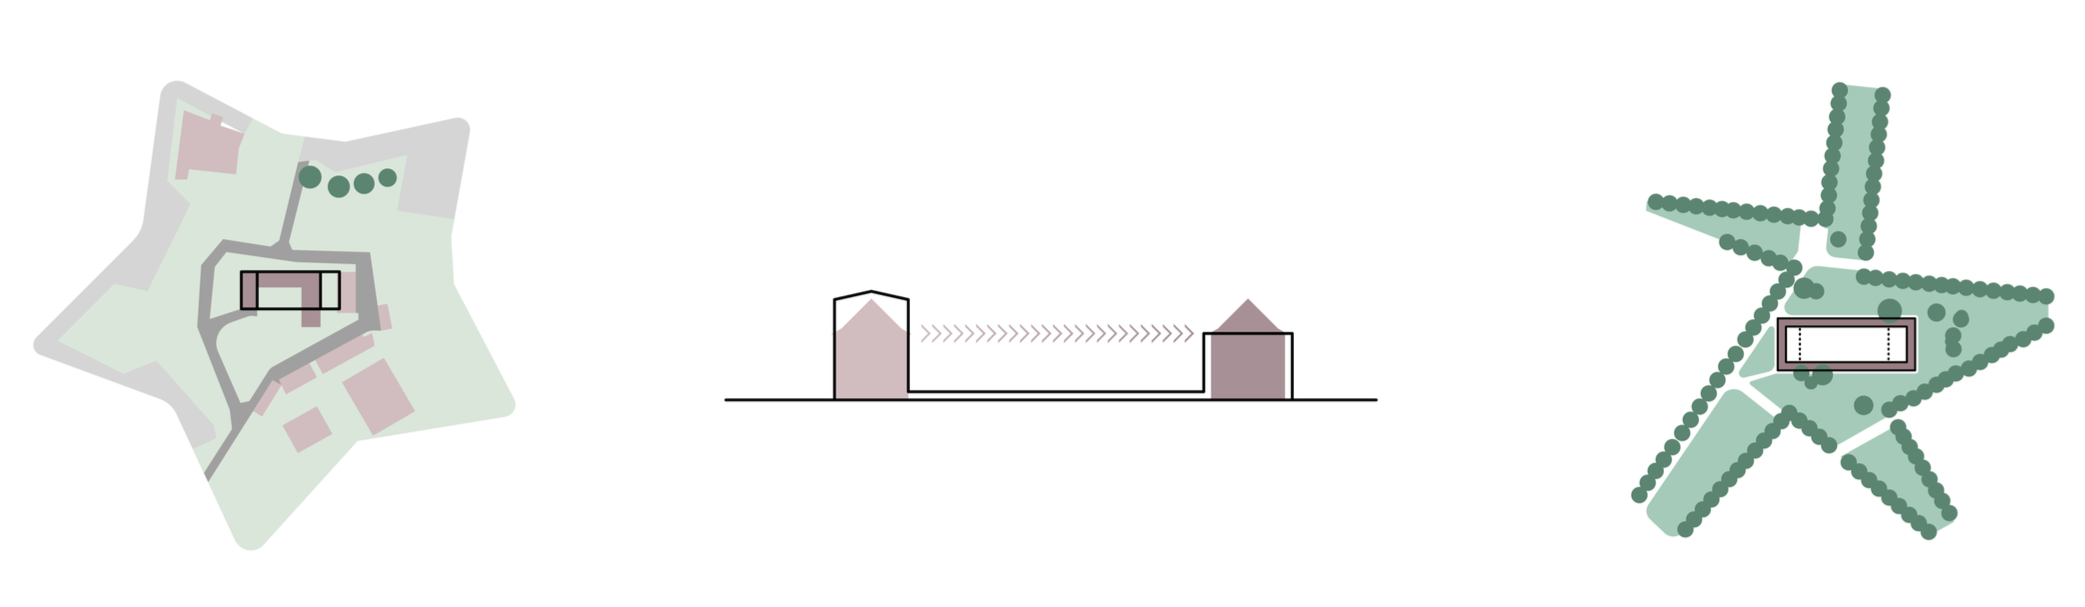 Piktogramme vom Plateau der Kommunikation vom Buelau Wettbewerb in Hamburg Harburg